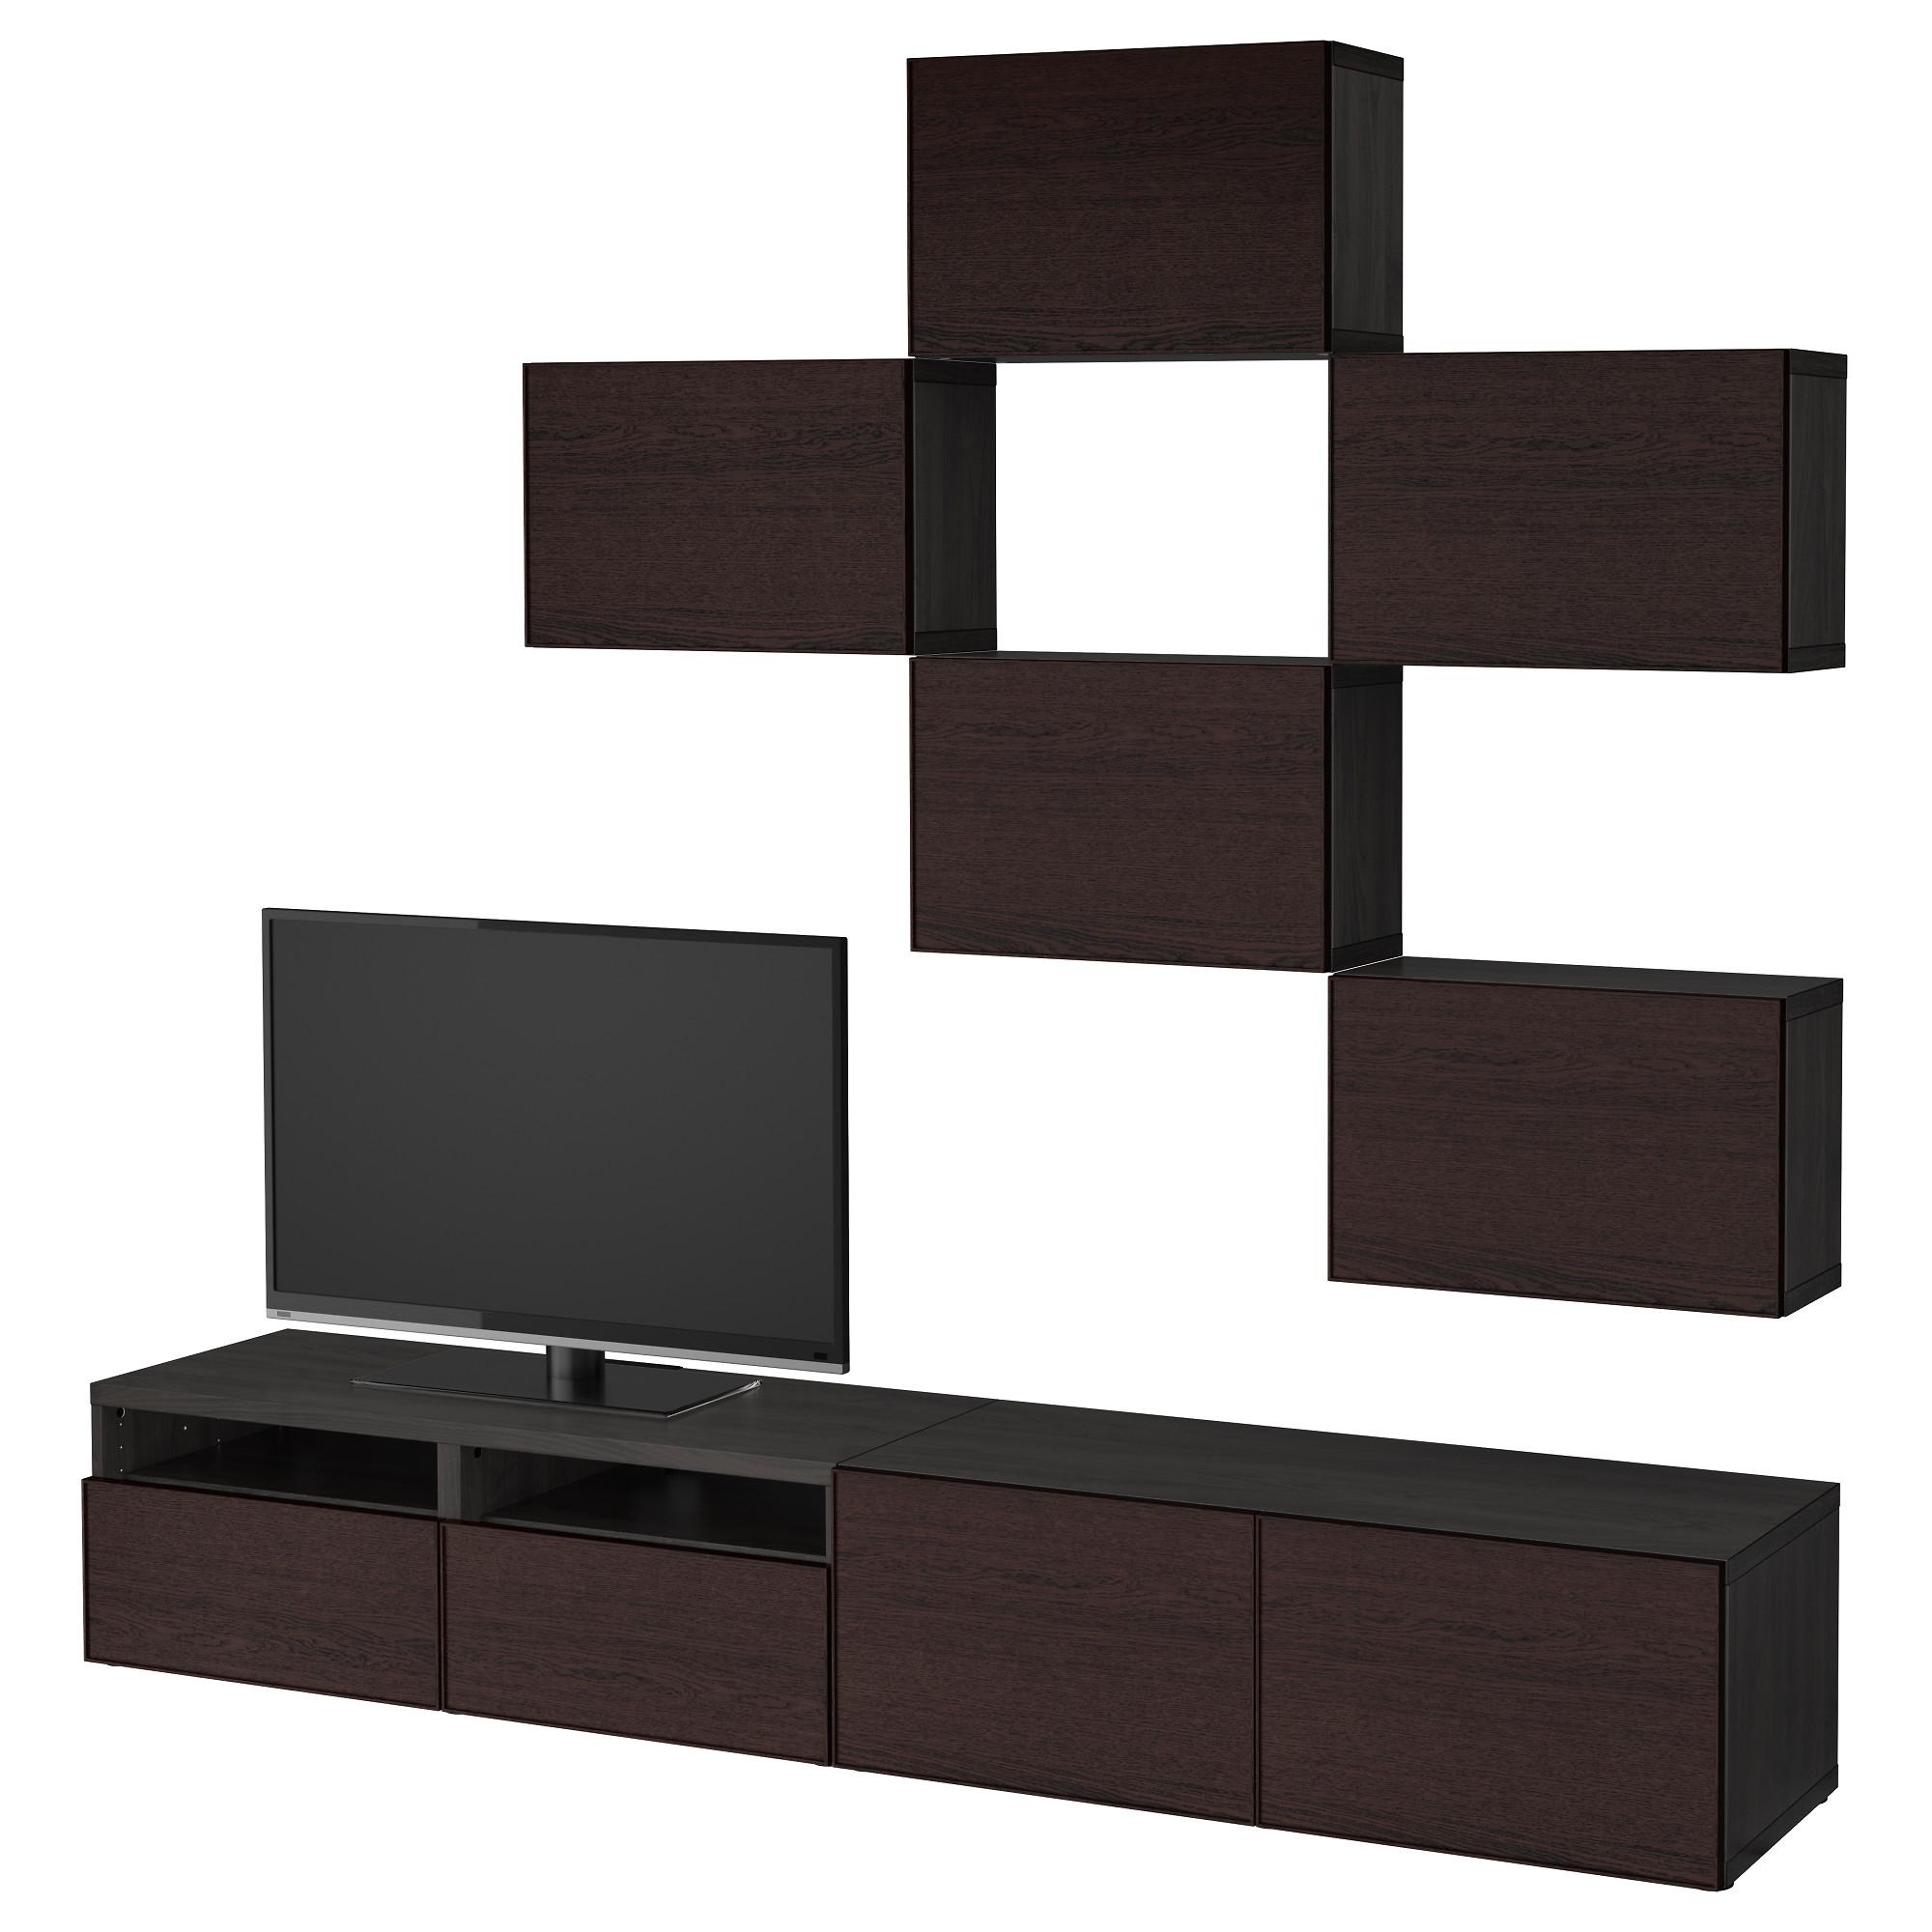 Шкаф для ТВ, комбинация БЕСТО черно-коричневый артикуль № 392.514.22 в наличии. Интернет сайт ИКЕА РБ. Быстрая доставка и монтаж.